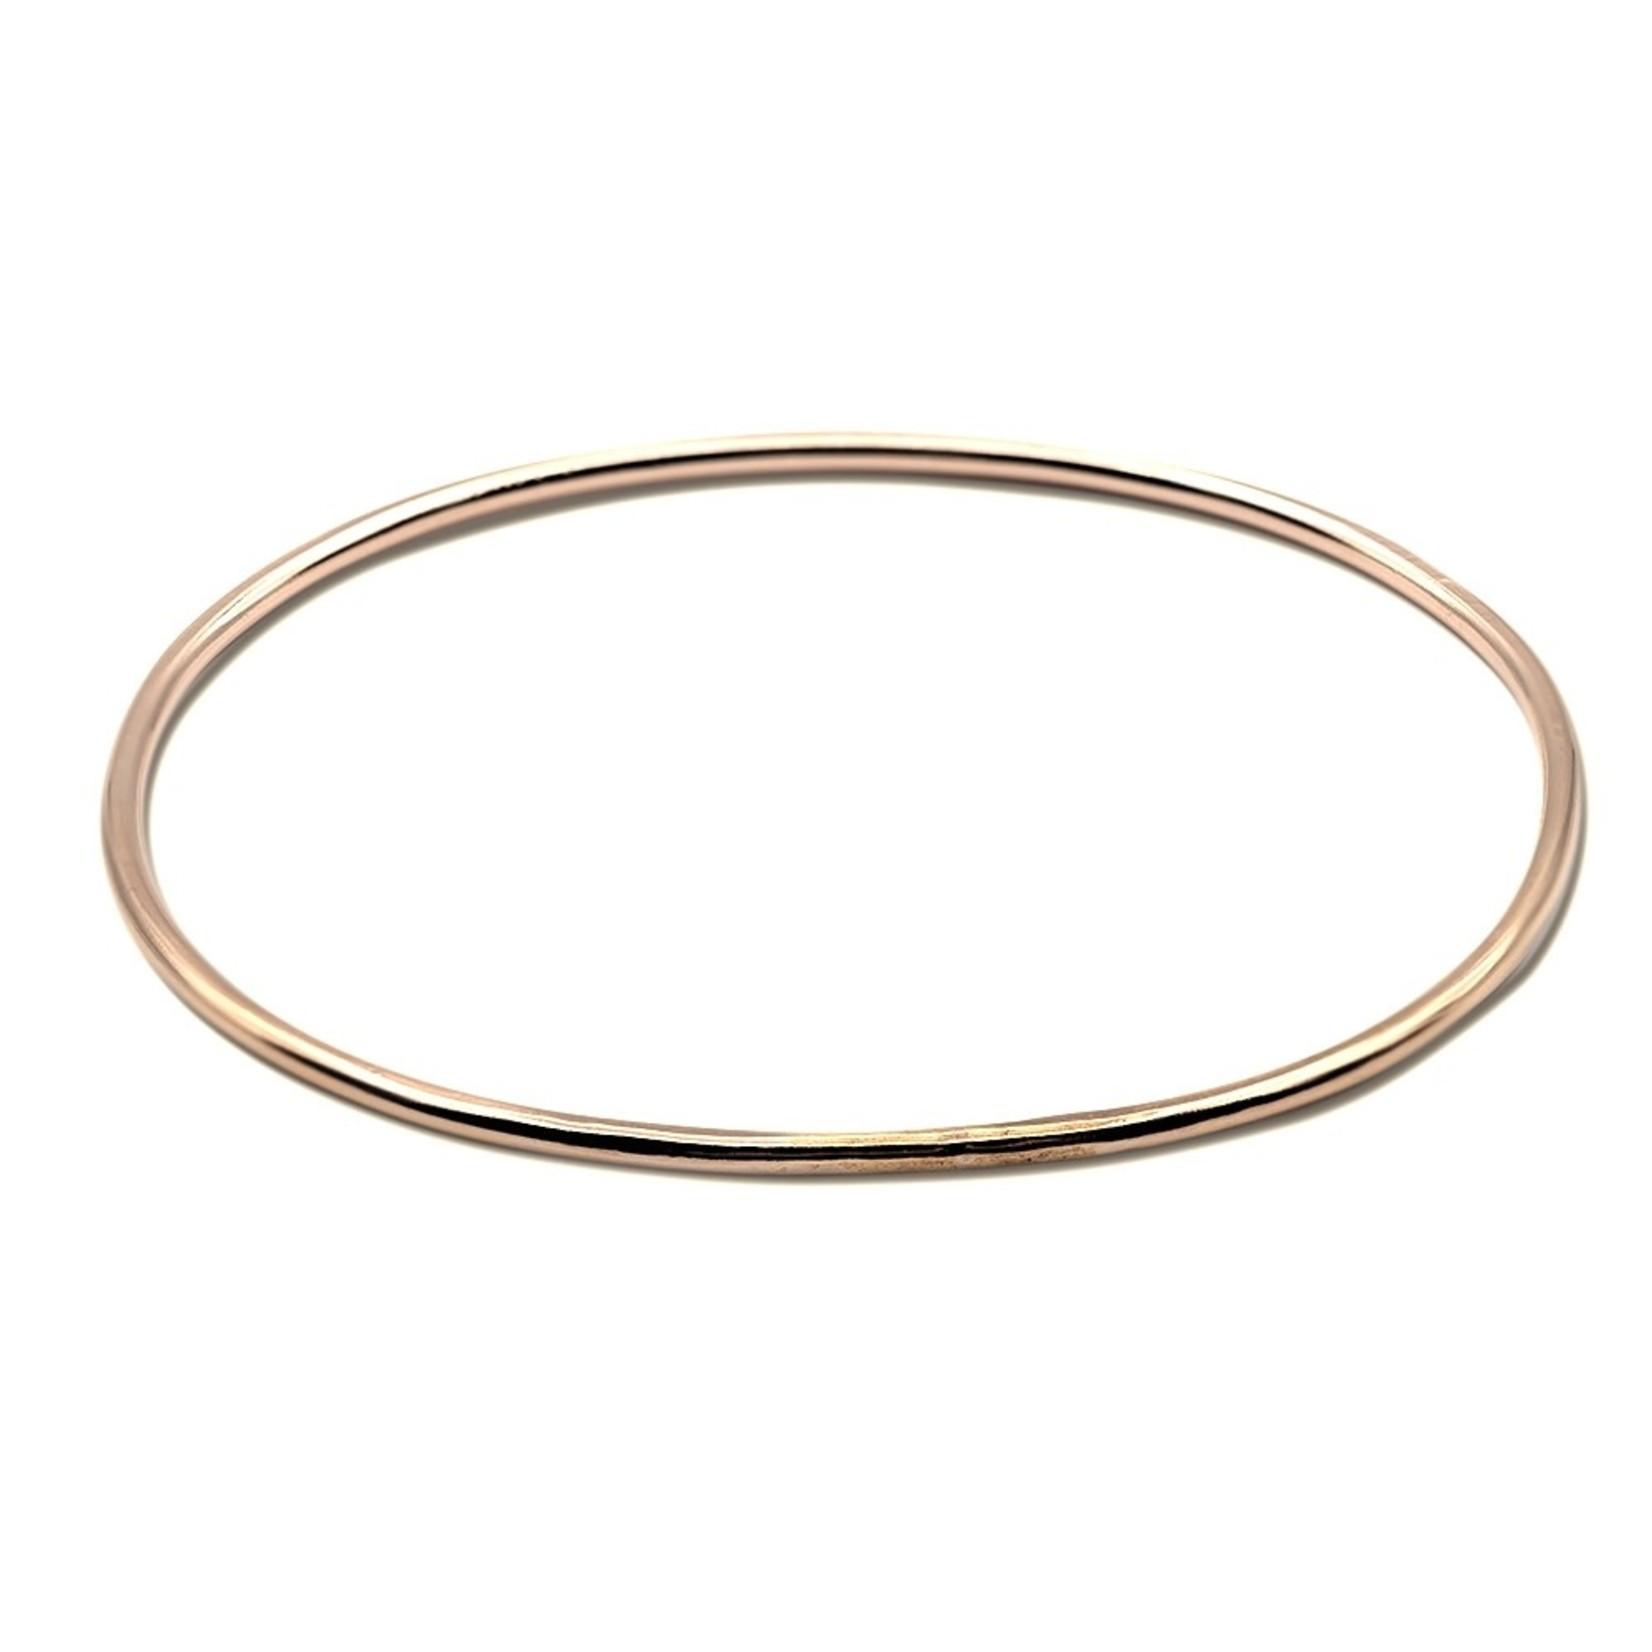 Mana Made Jewelry Mana Made Bangle Bracelet 14K